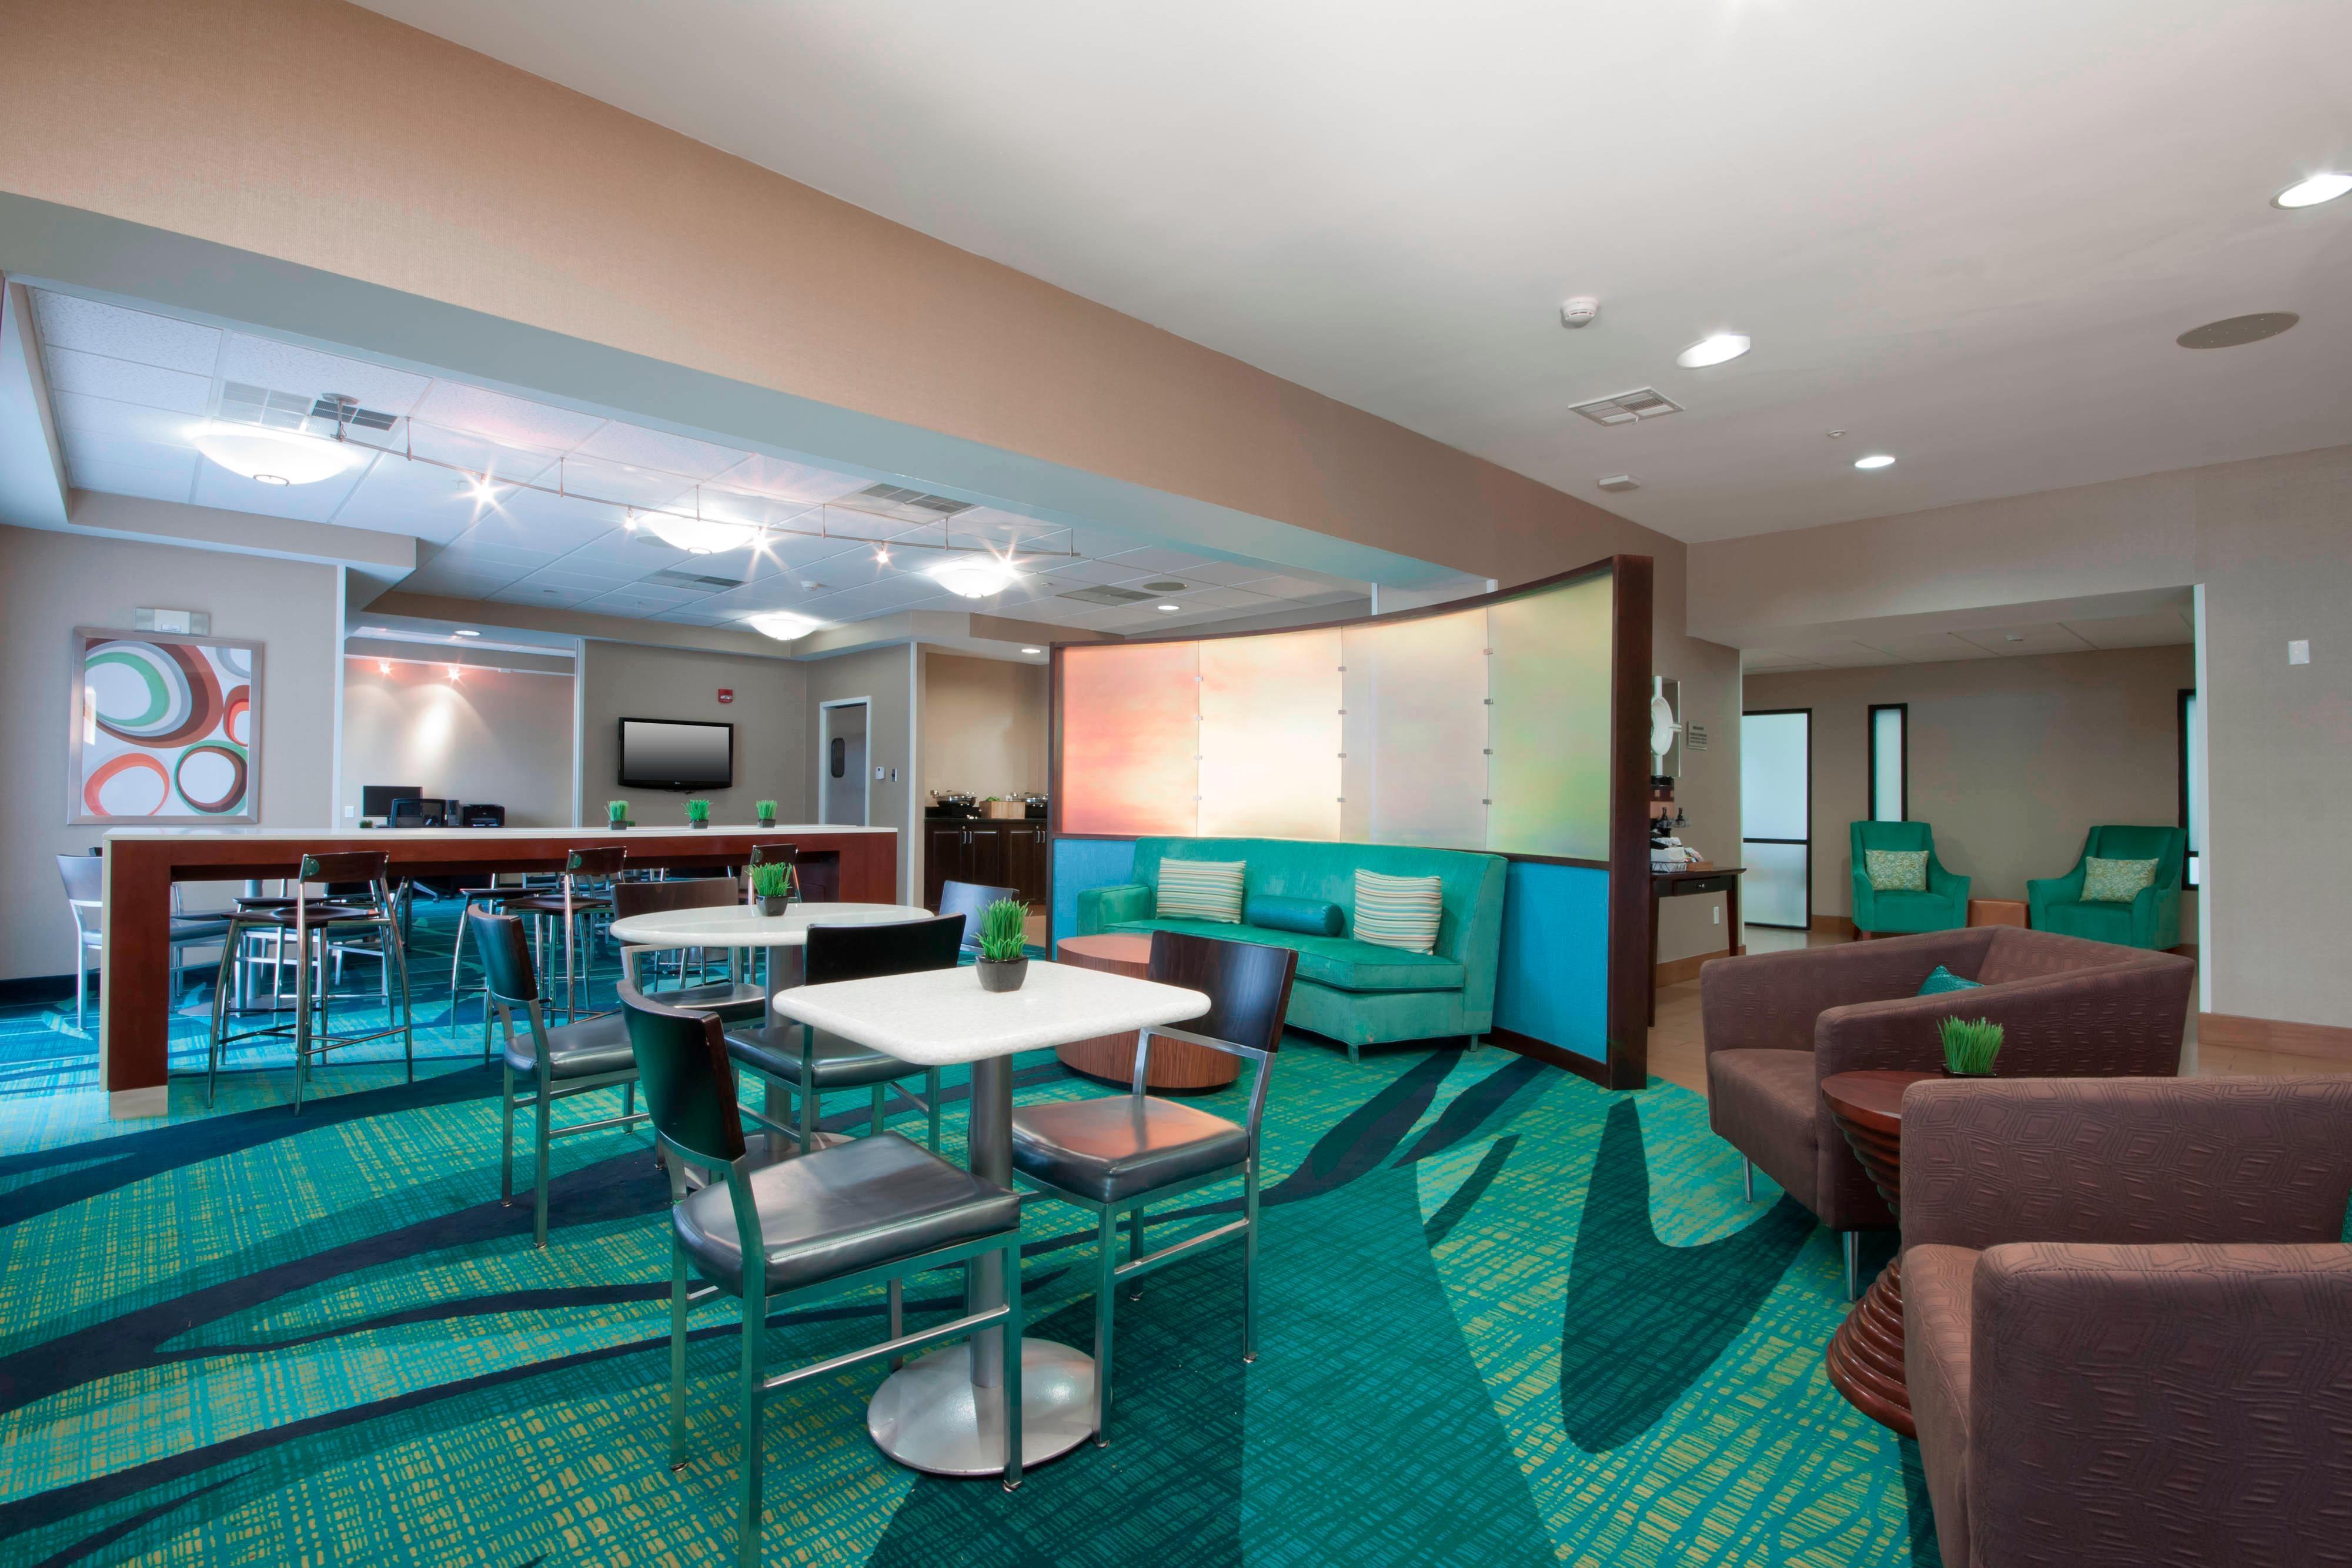 Tulsa Oklahoma Hotel Lobby Dining